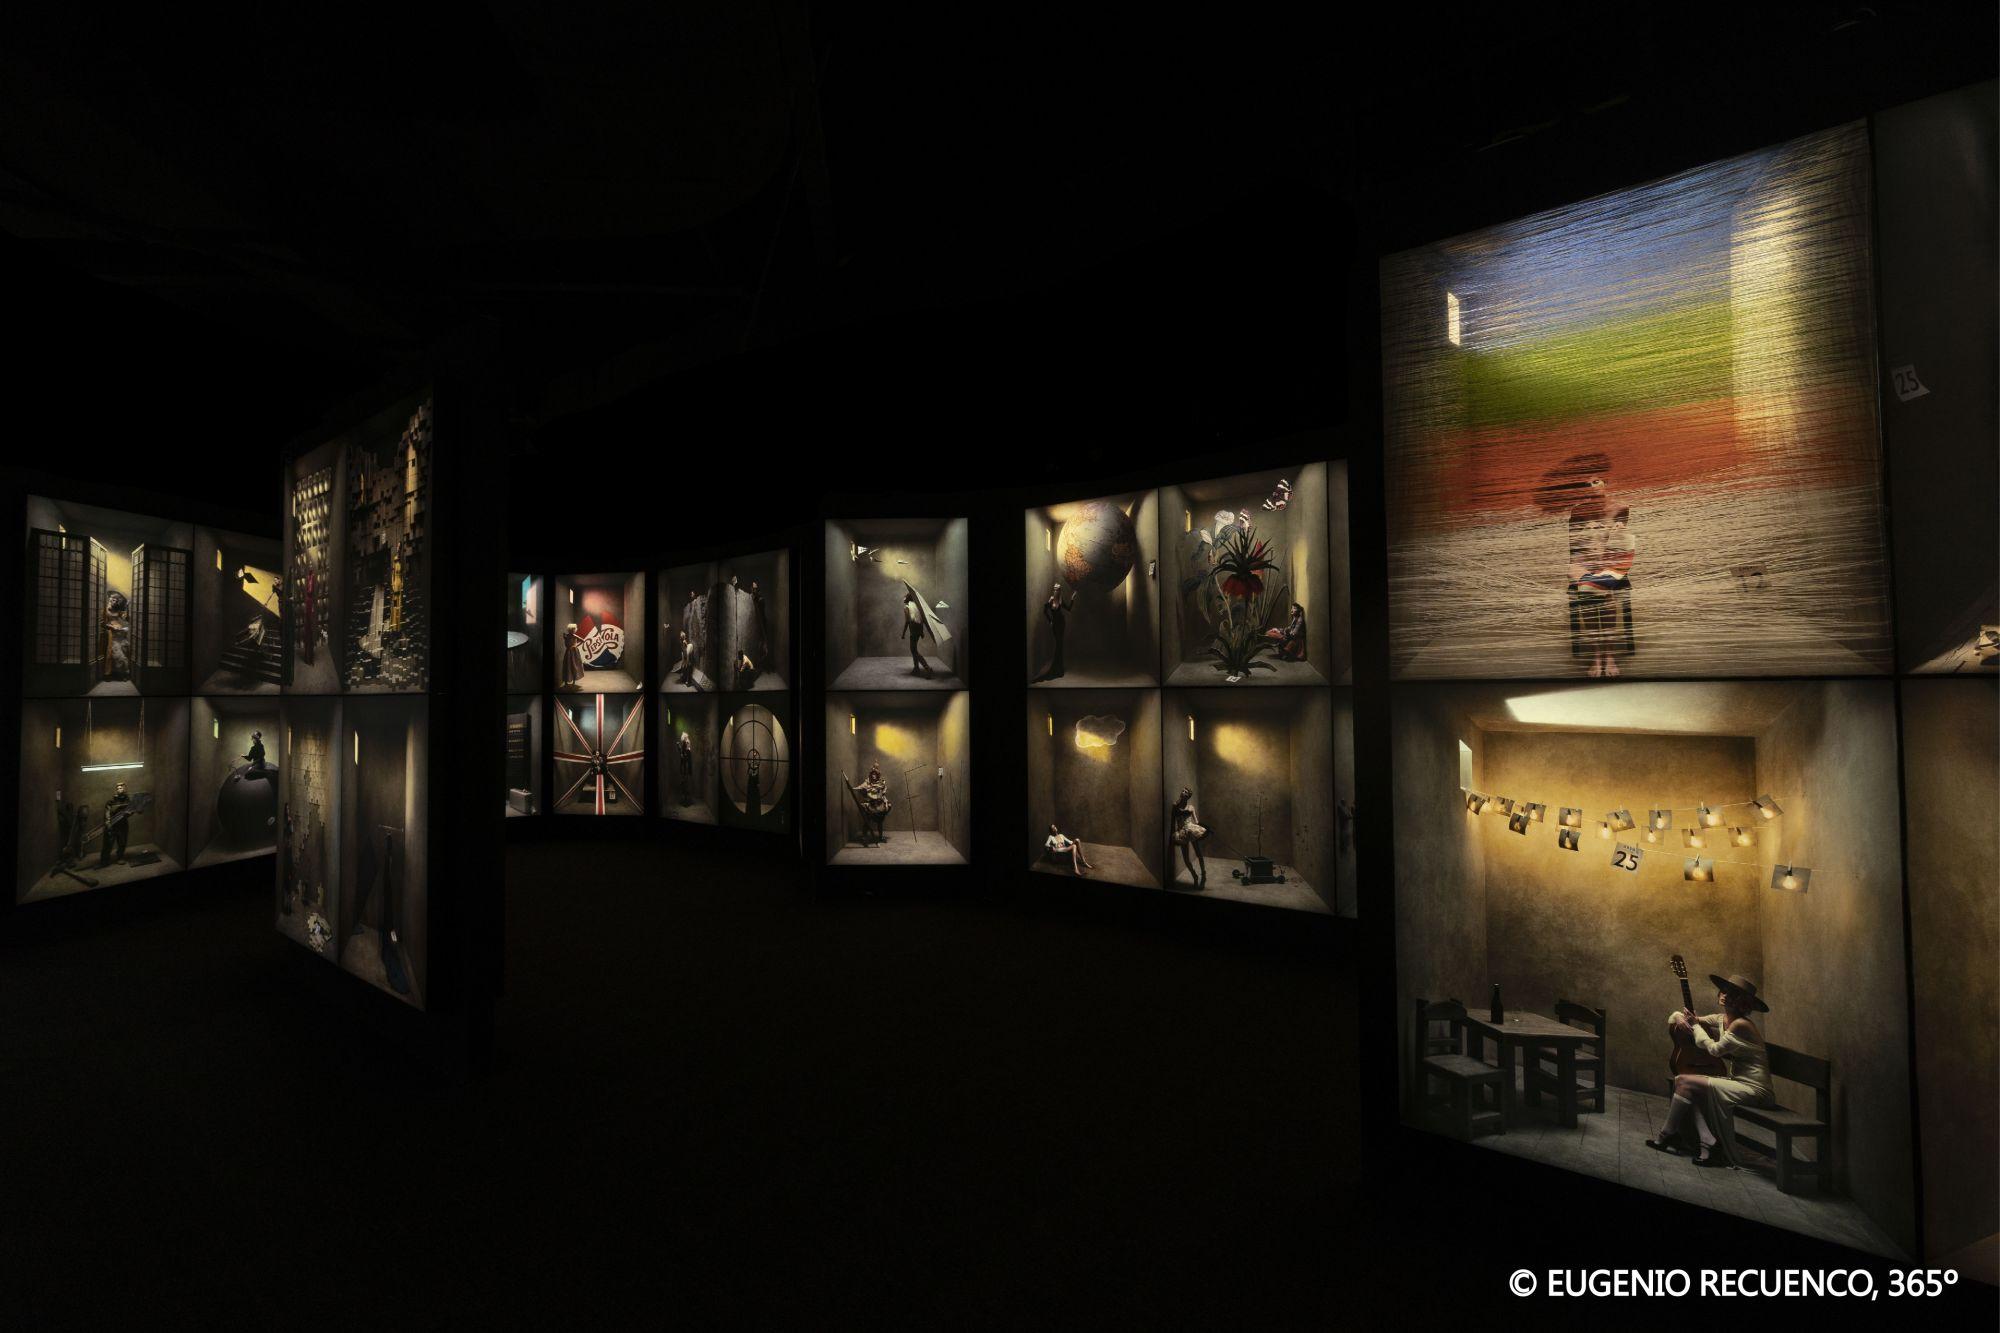 今夏必打卡!170座大型燈箱、10間特色攝影棚,超現實攝影鬼才尤傑尼歐攝影展即將登台!